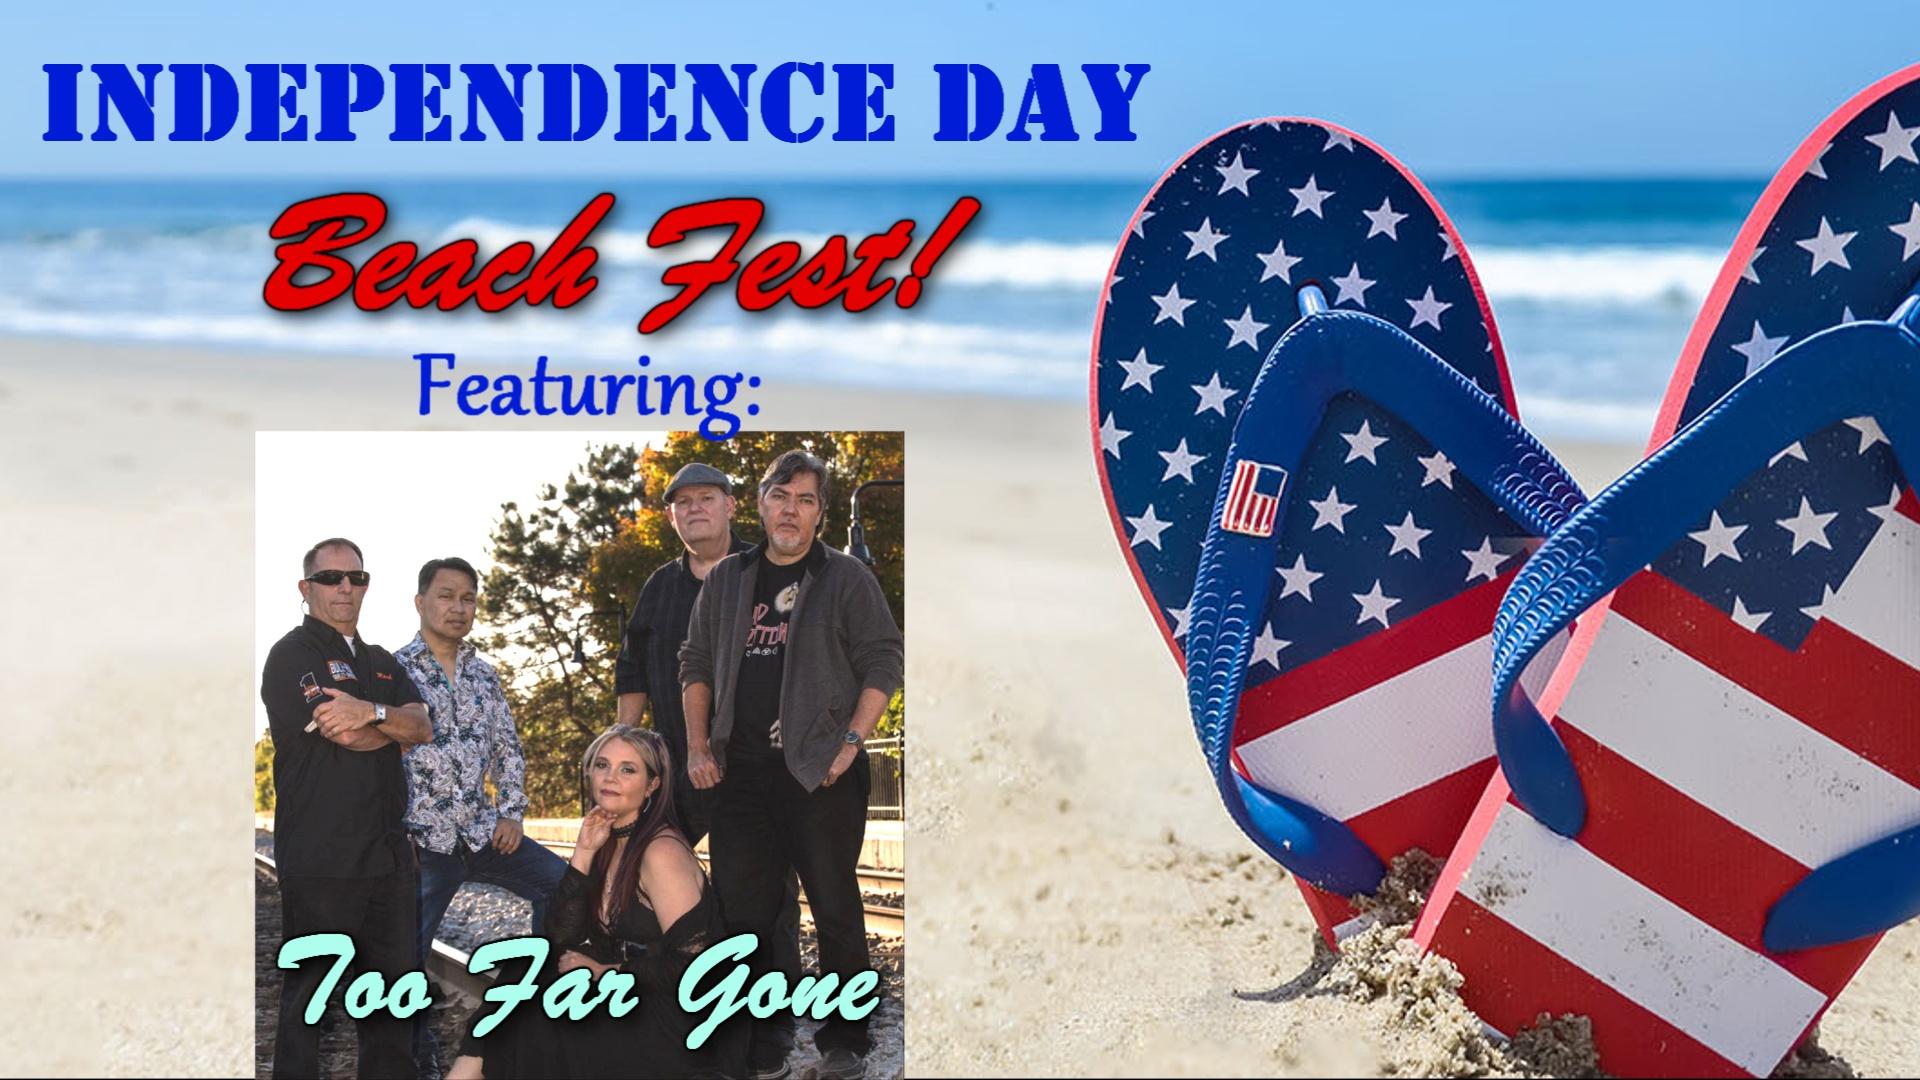 July 4th Beach Fest!